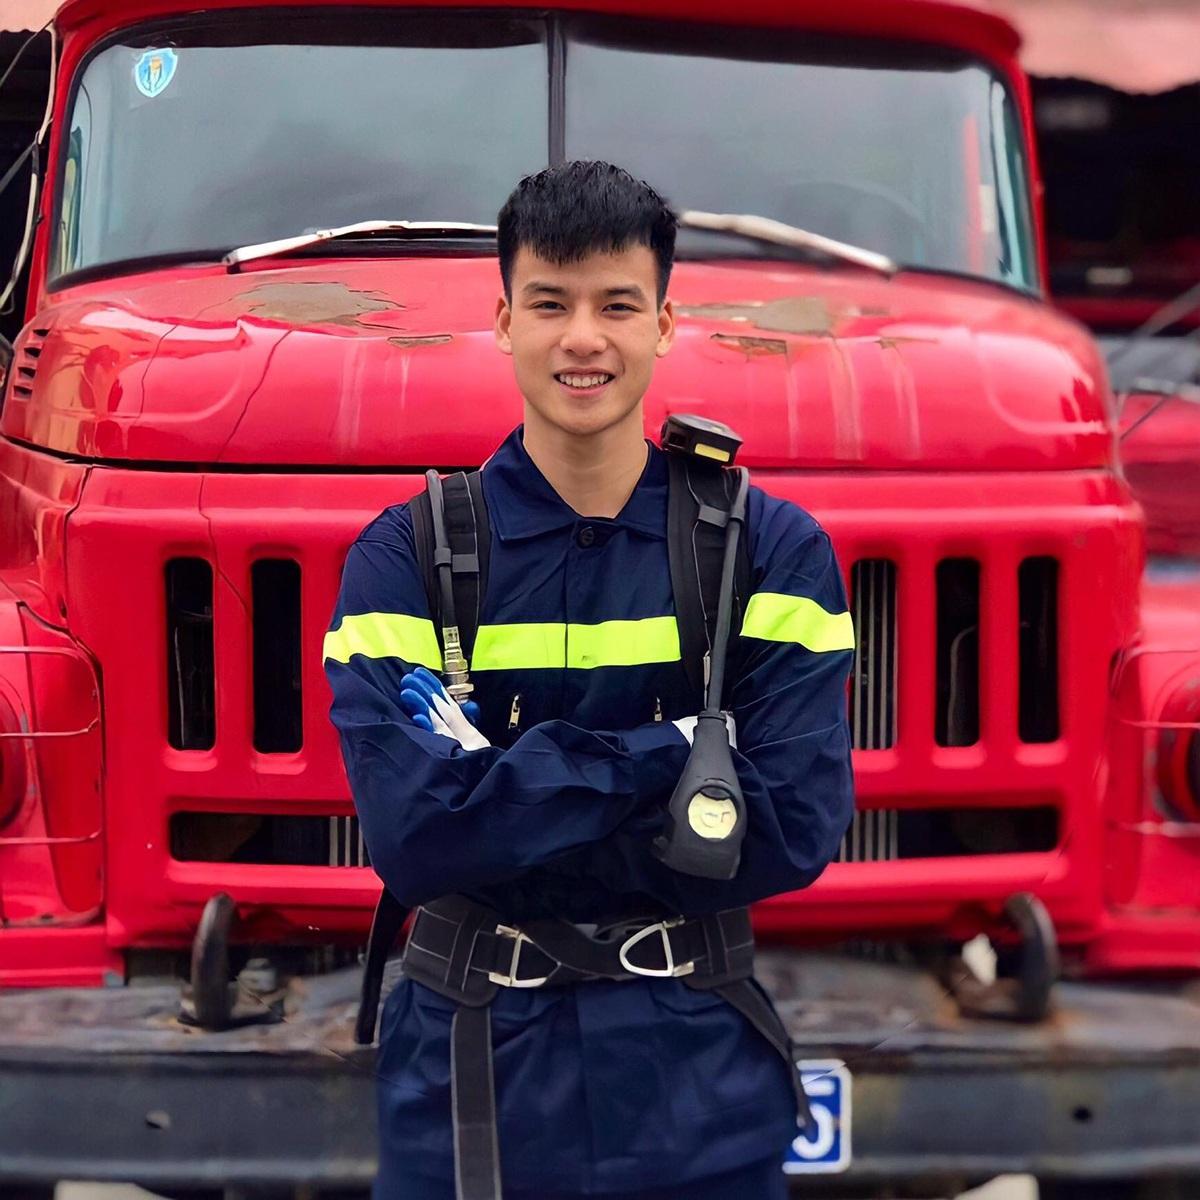 Cực phẩm lính cứu hỏa Lạng Sơn body 6 múi, thần thái như diễn viên - 3